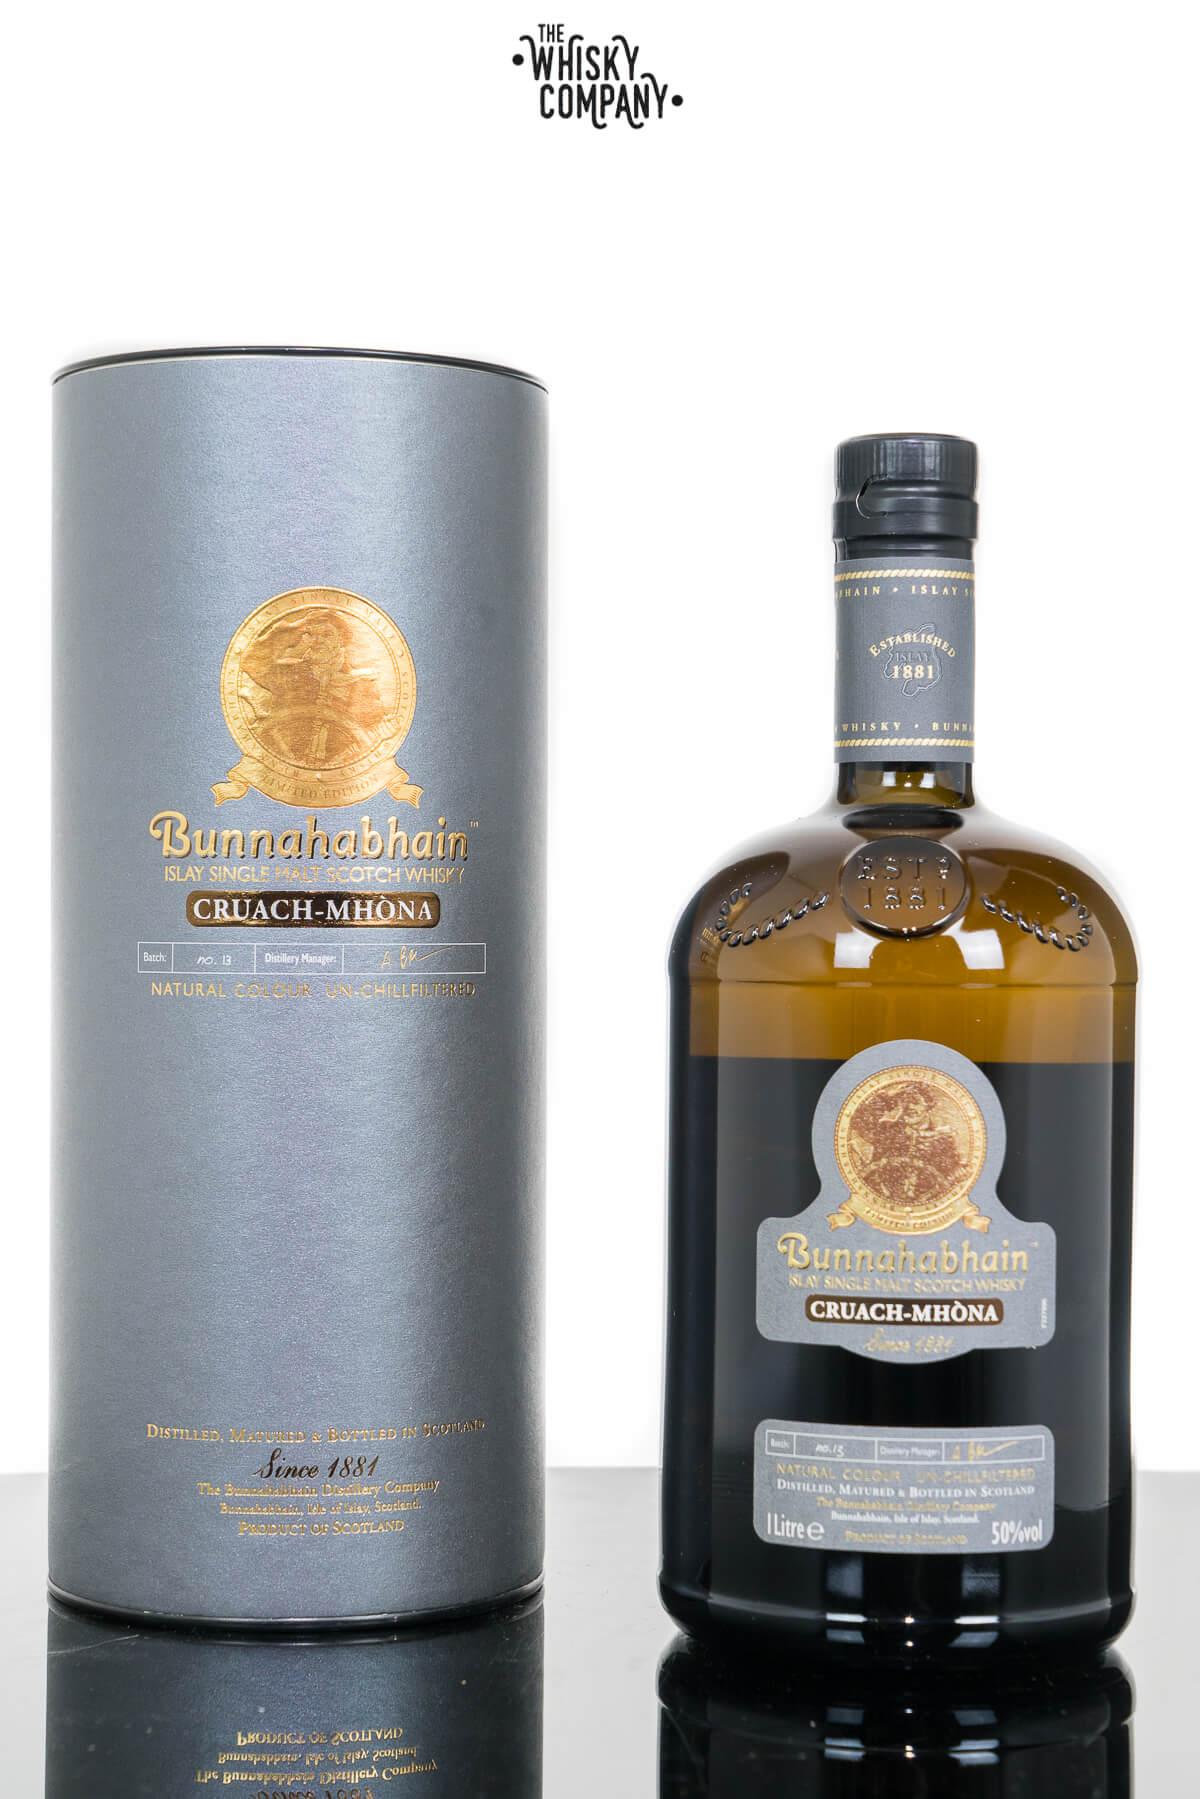 Bunnahabhain Cruach-Mhona (Batch 13) Islay Single Malt Scotch Whisky (1000ml)